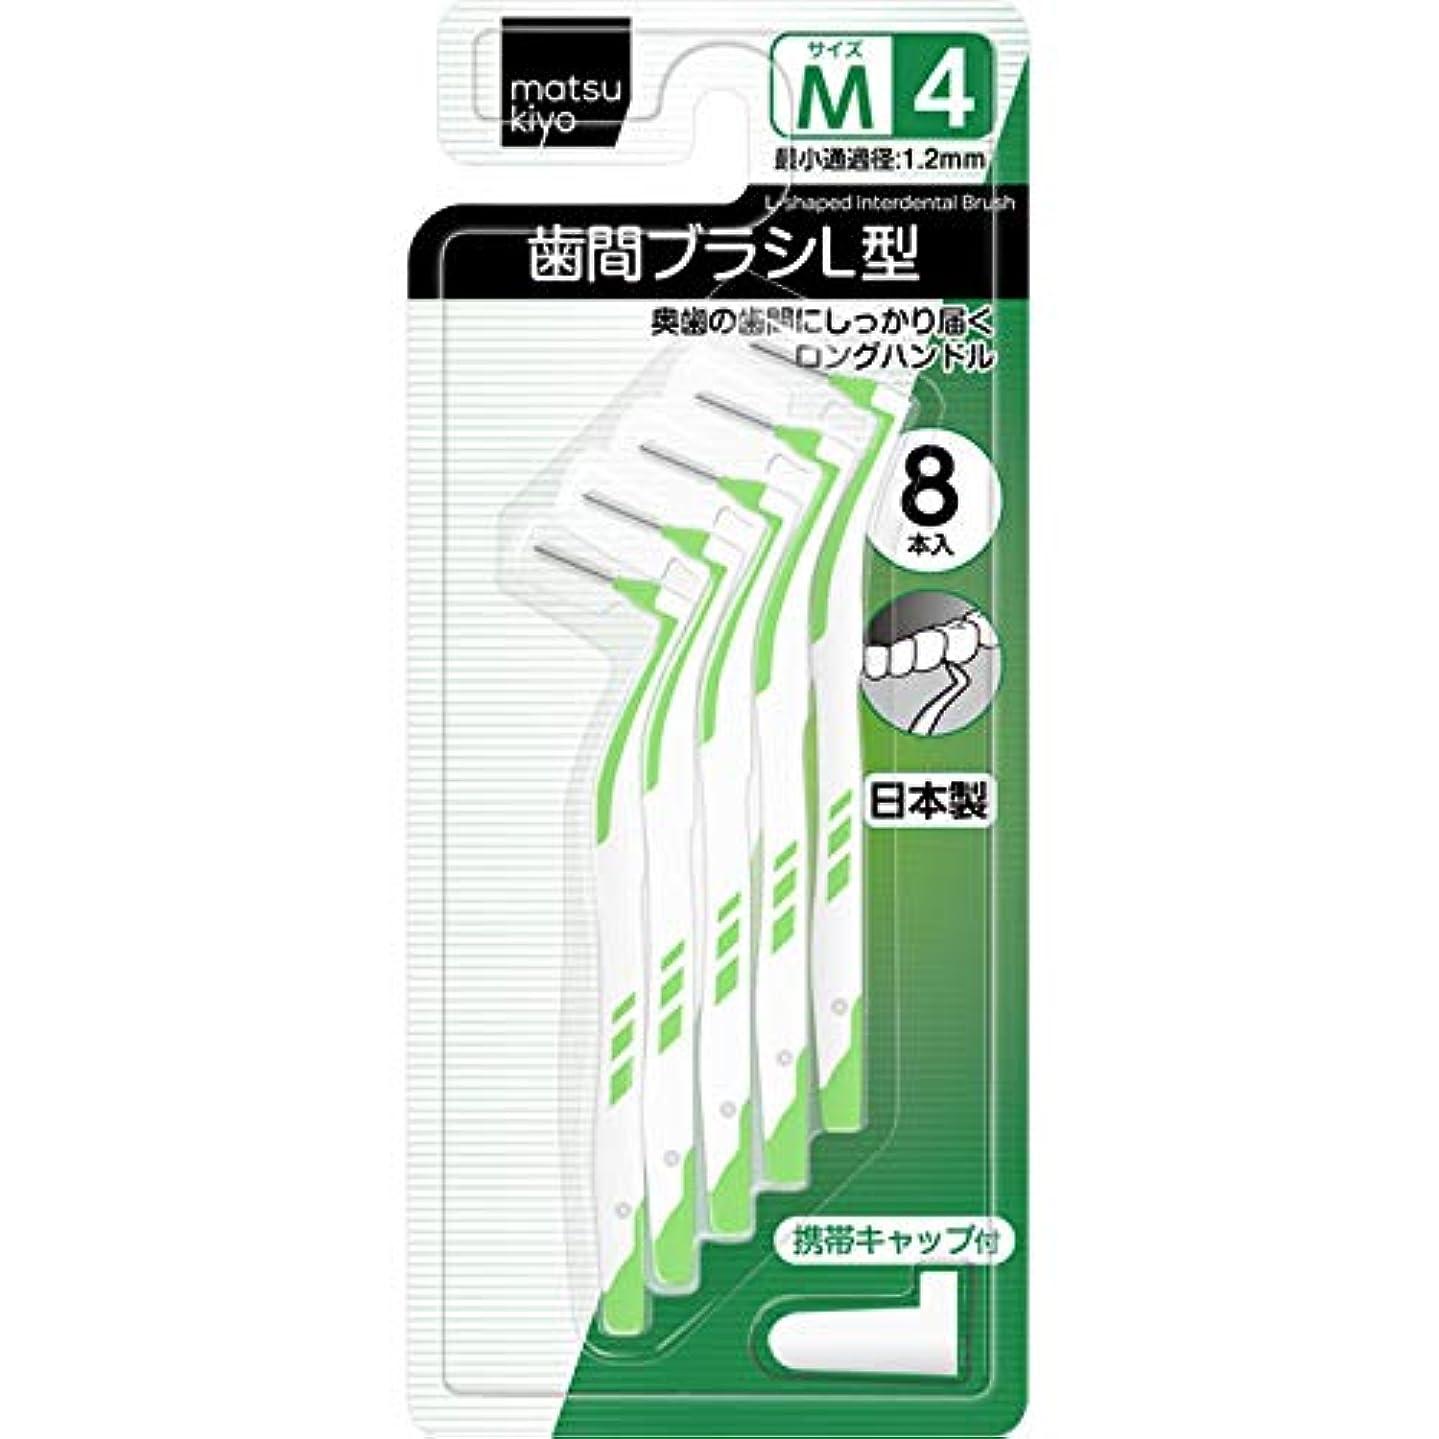 悪名高い課す専門用語matsukiyo 歯間ブラシL型 サイズ4(M) 8本